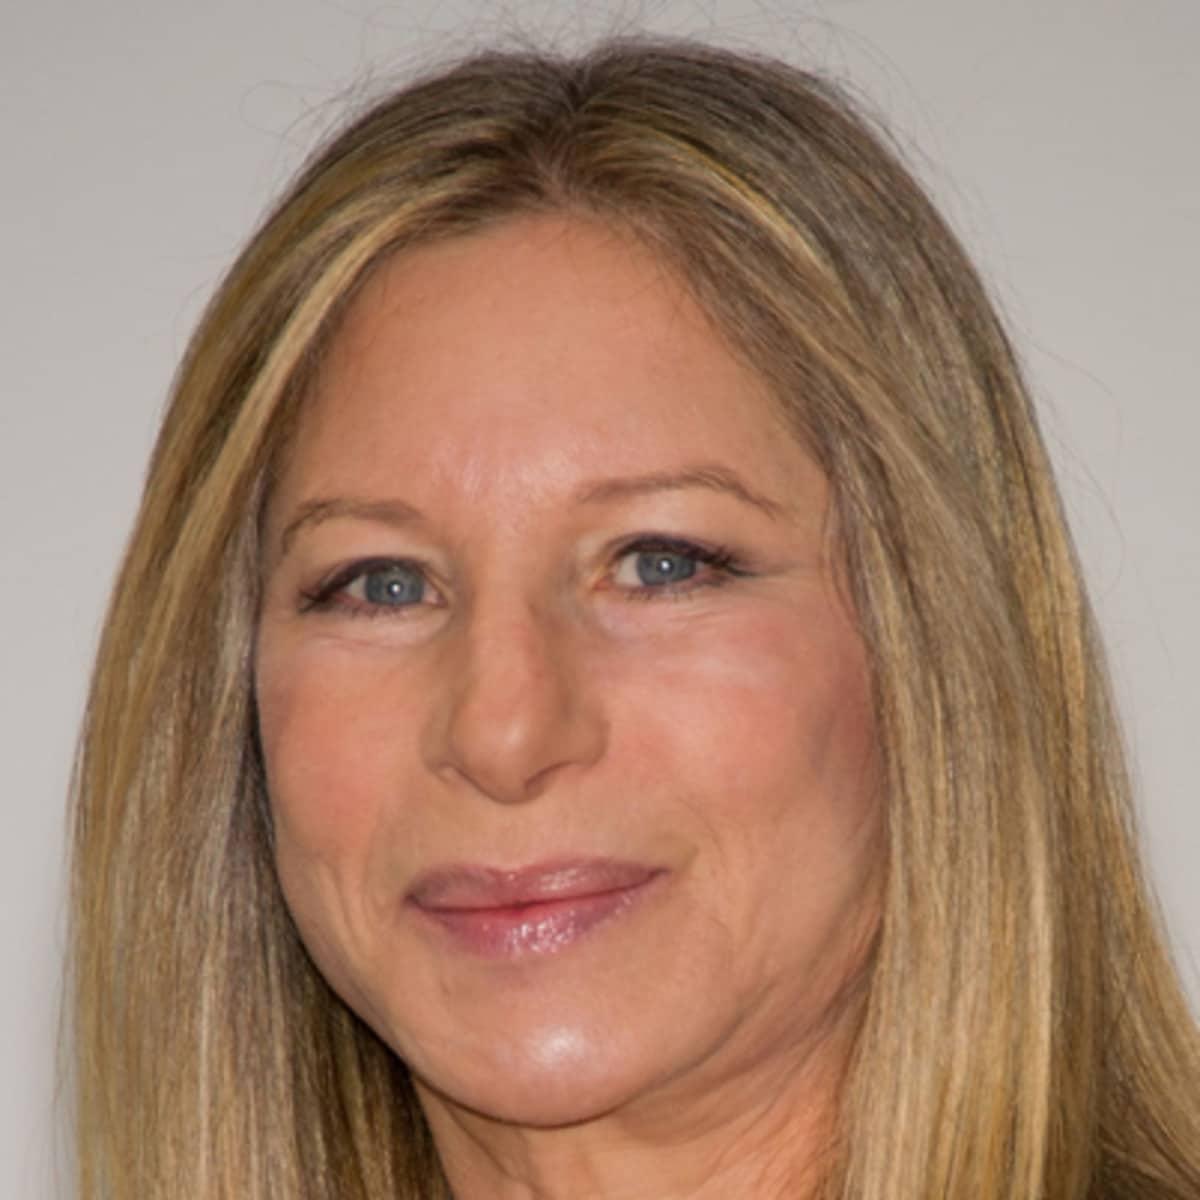 Barbra Streisand American Actress, Singer, Film Maker